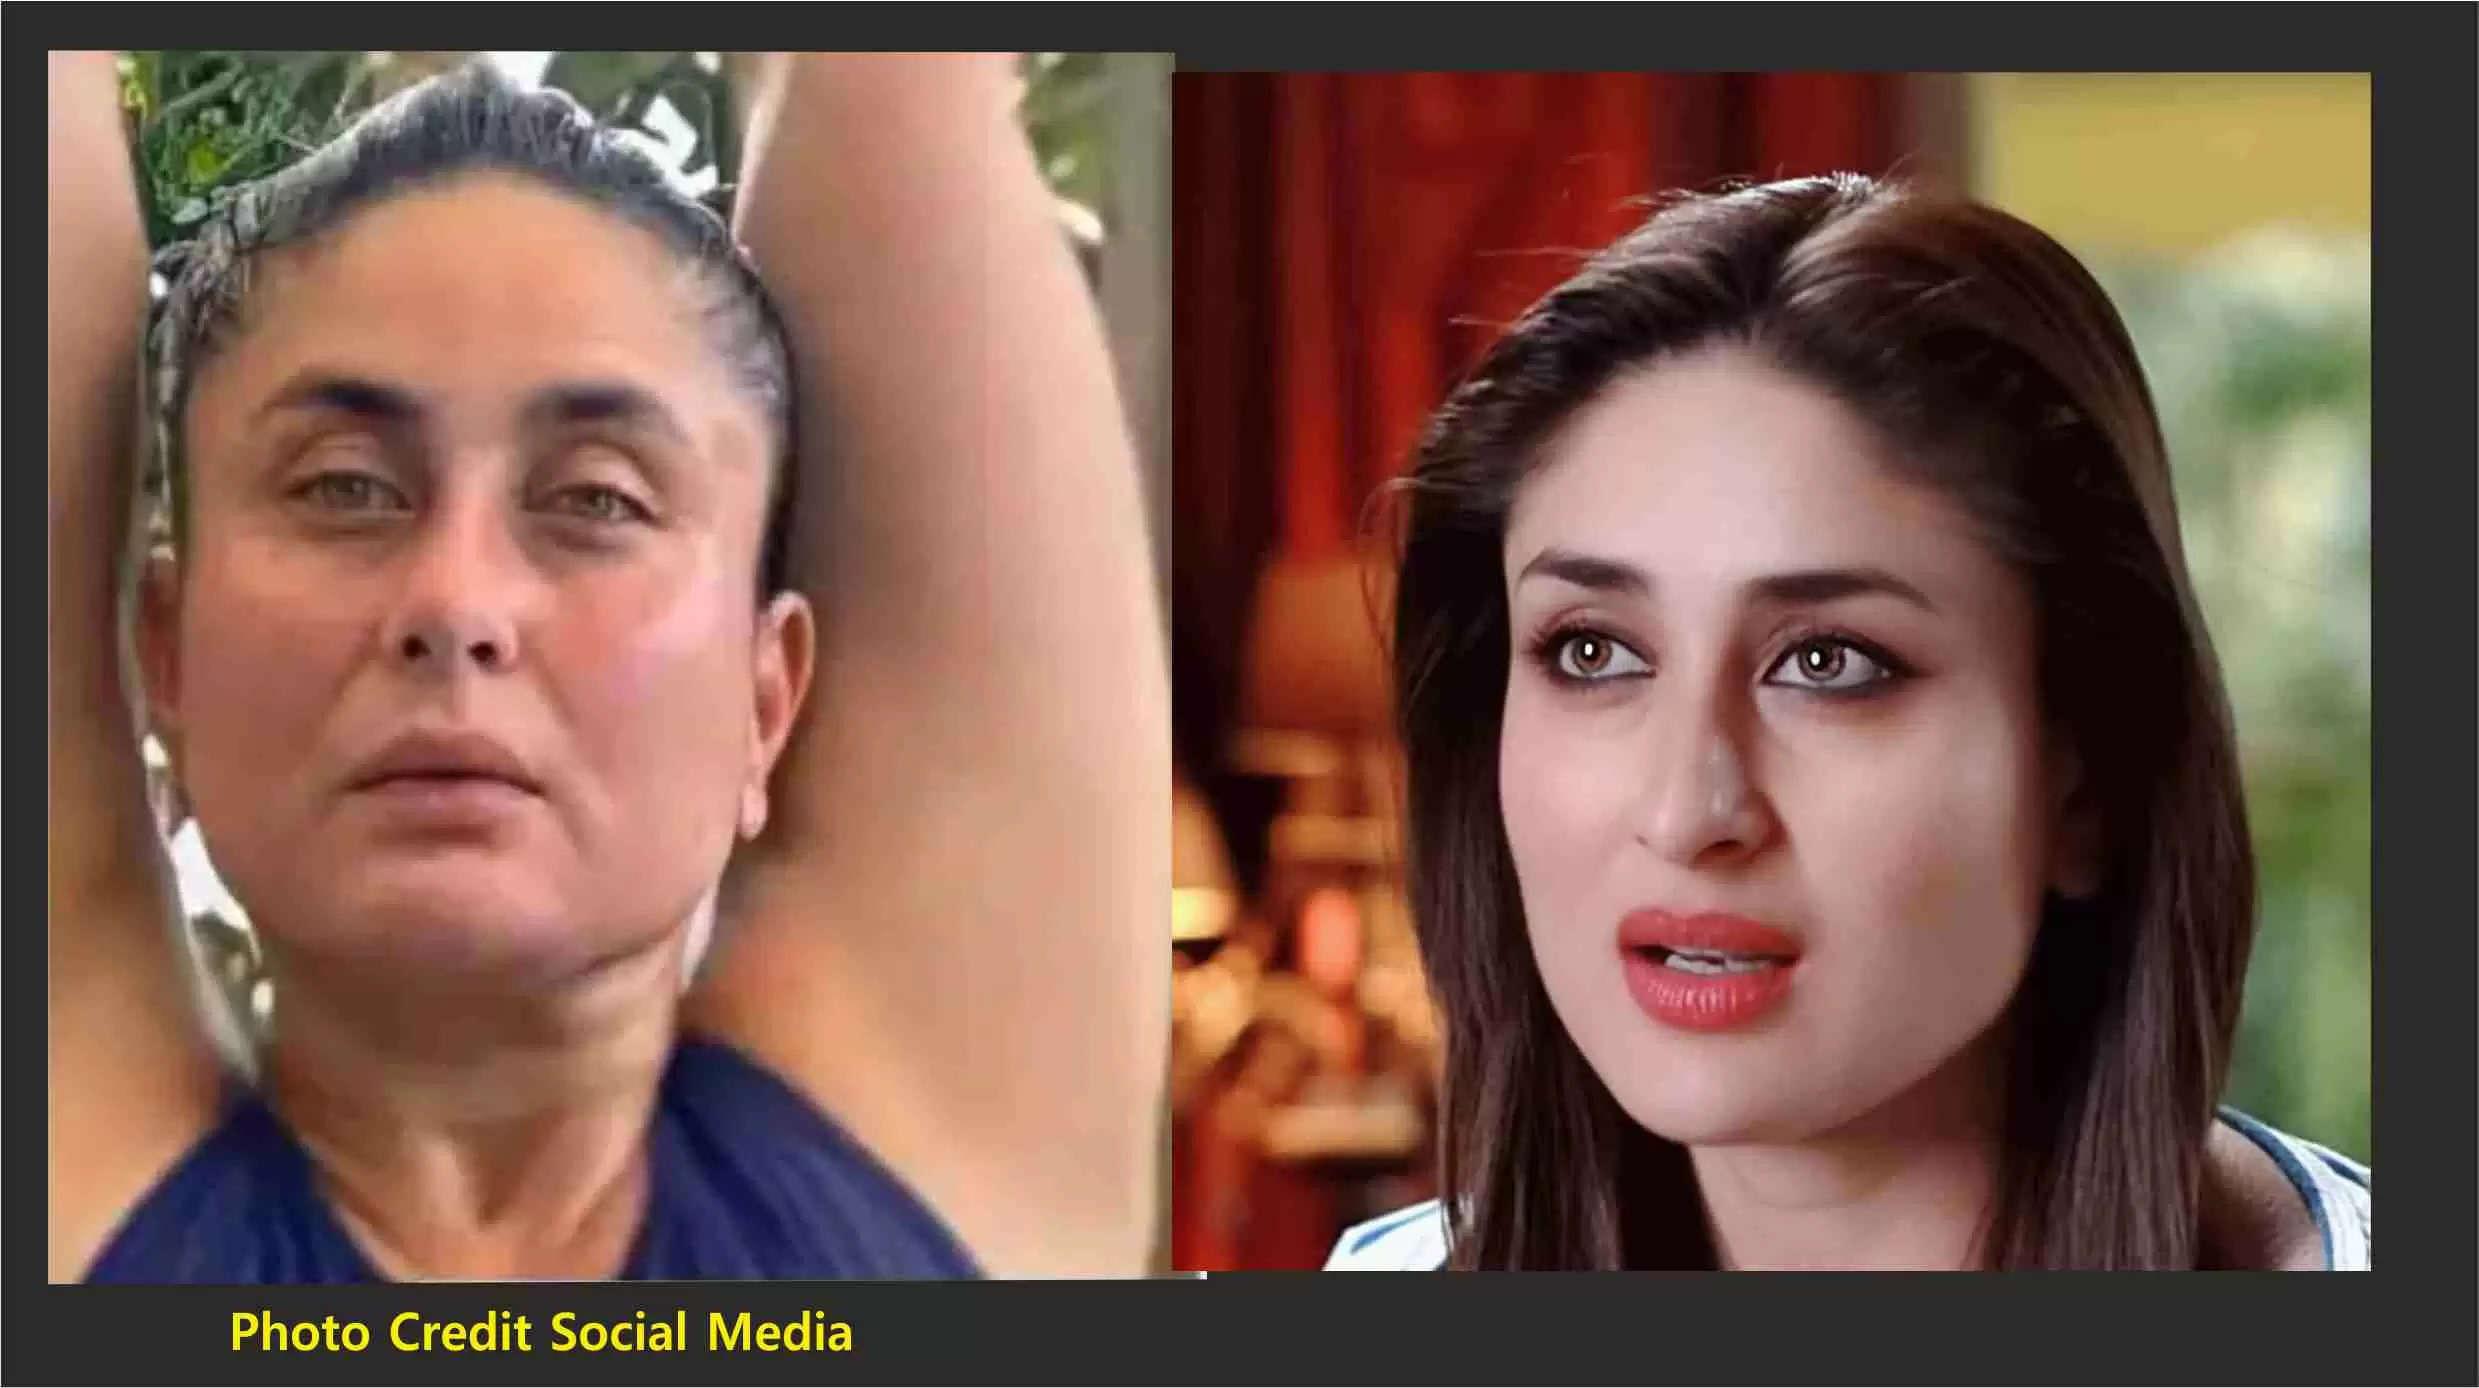 Kareena Kapoor को ट्रोलर्स ने बताया 'बूढ़ी',योगा डे पर तस्वीरों को शेयर कर करीना कपूर आ गईट्रोलर्स केनिशाने पर